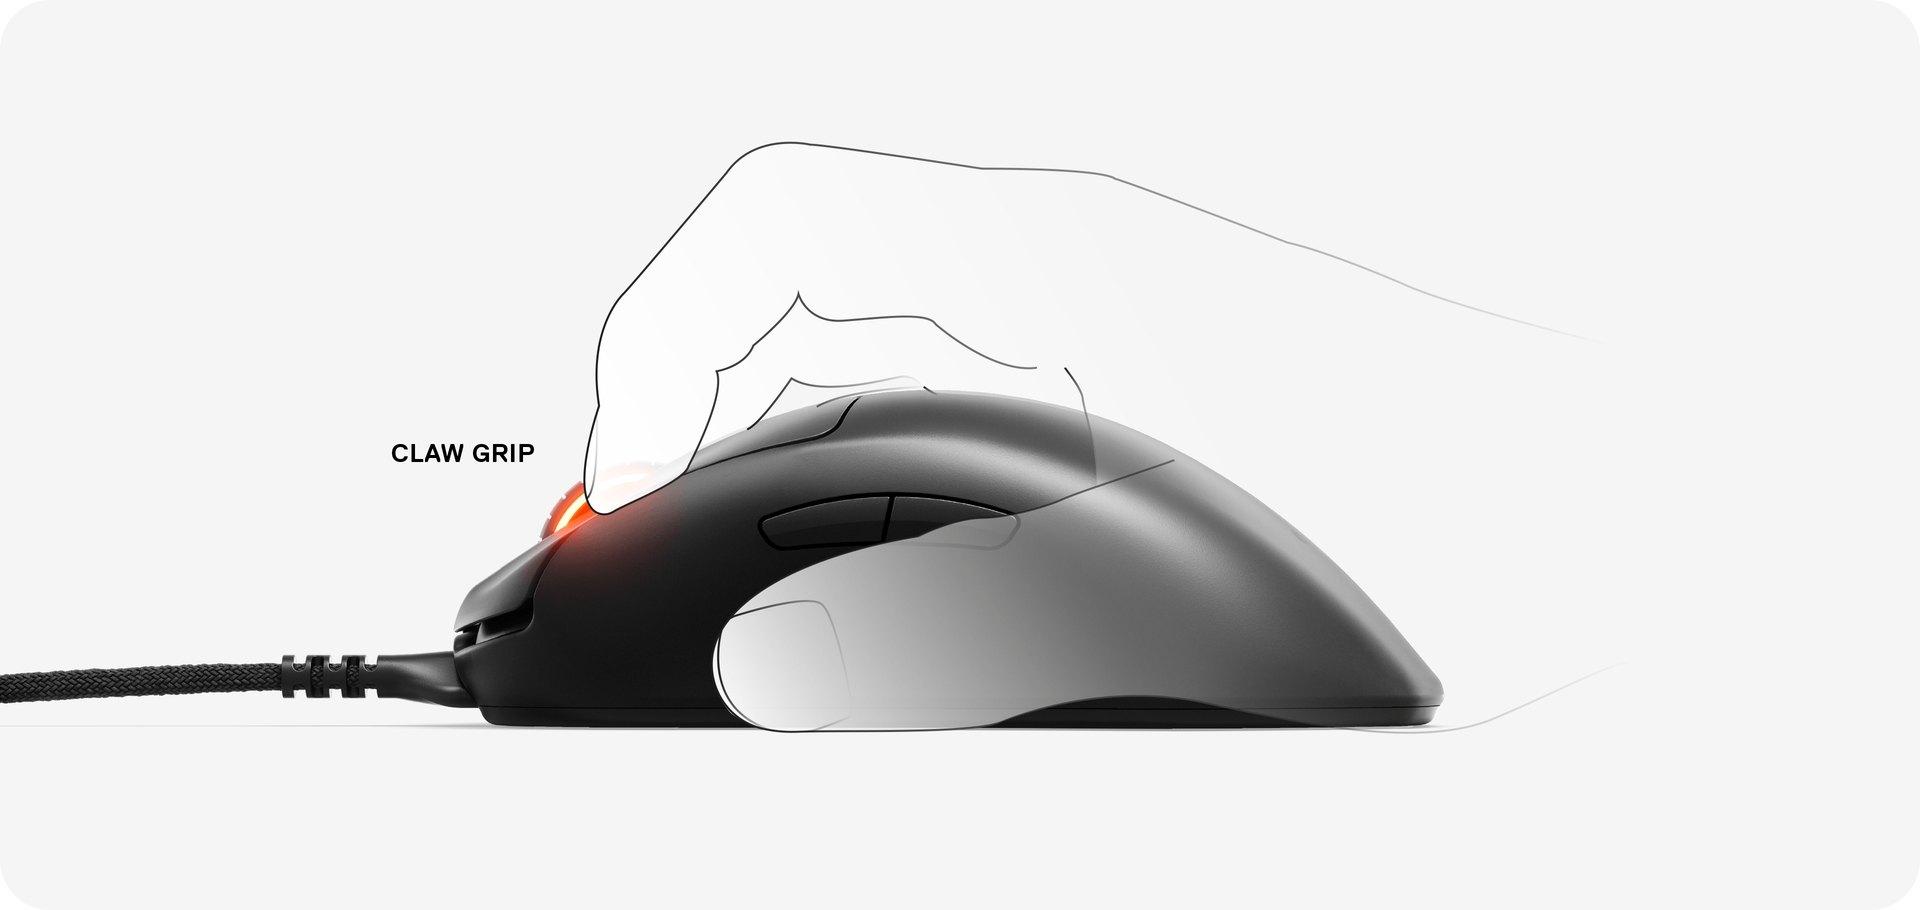 以抓握方式使用 Prime Plus 滑鼠的手圖示。